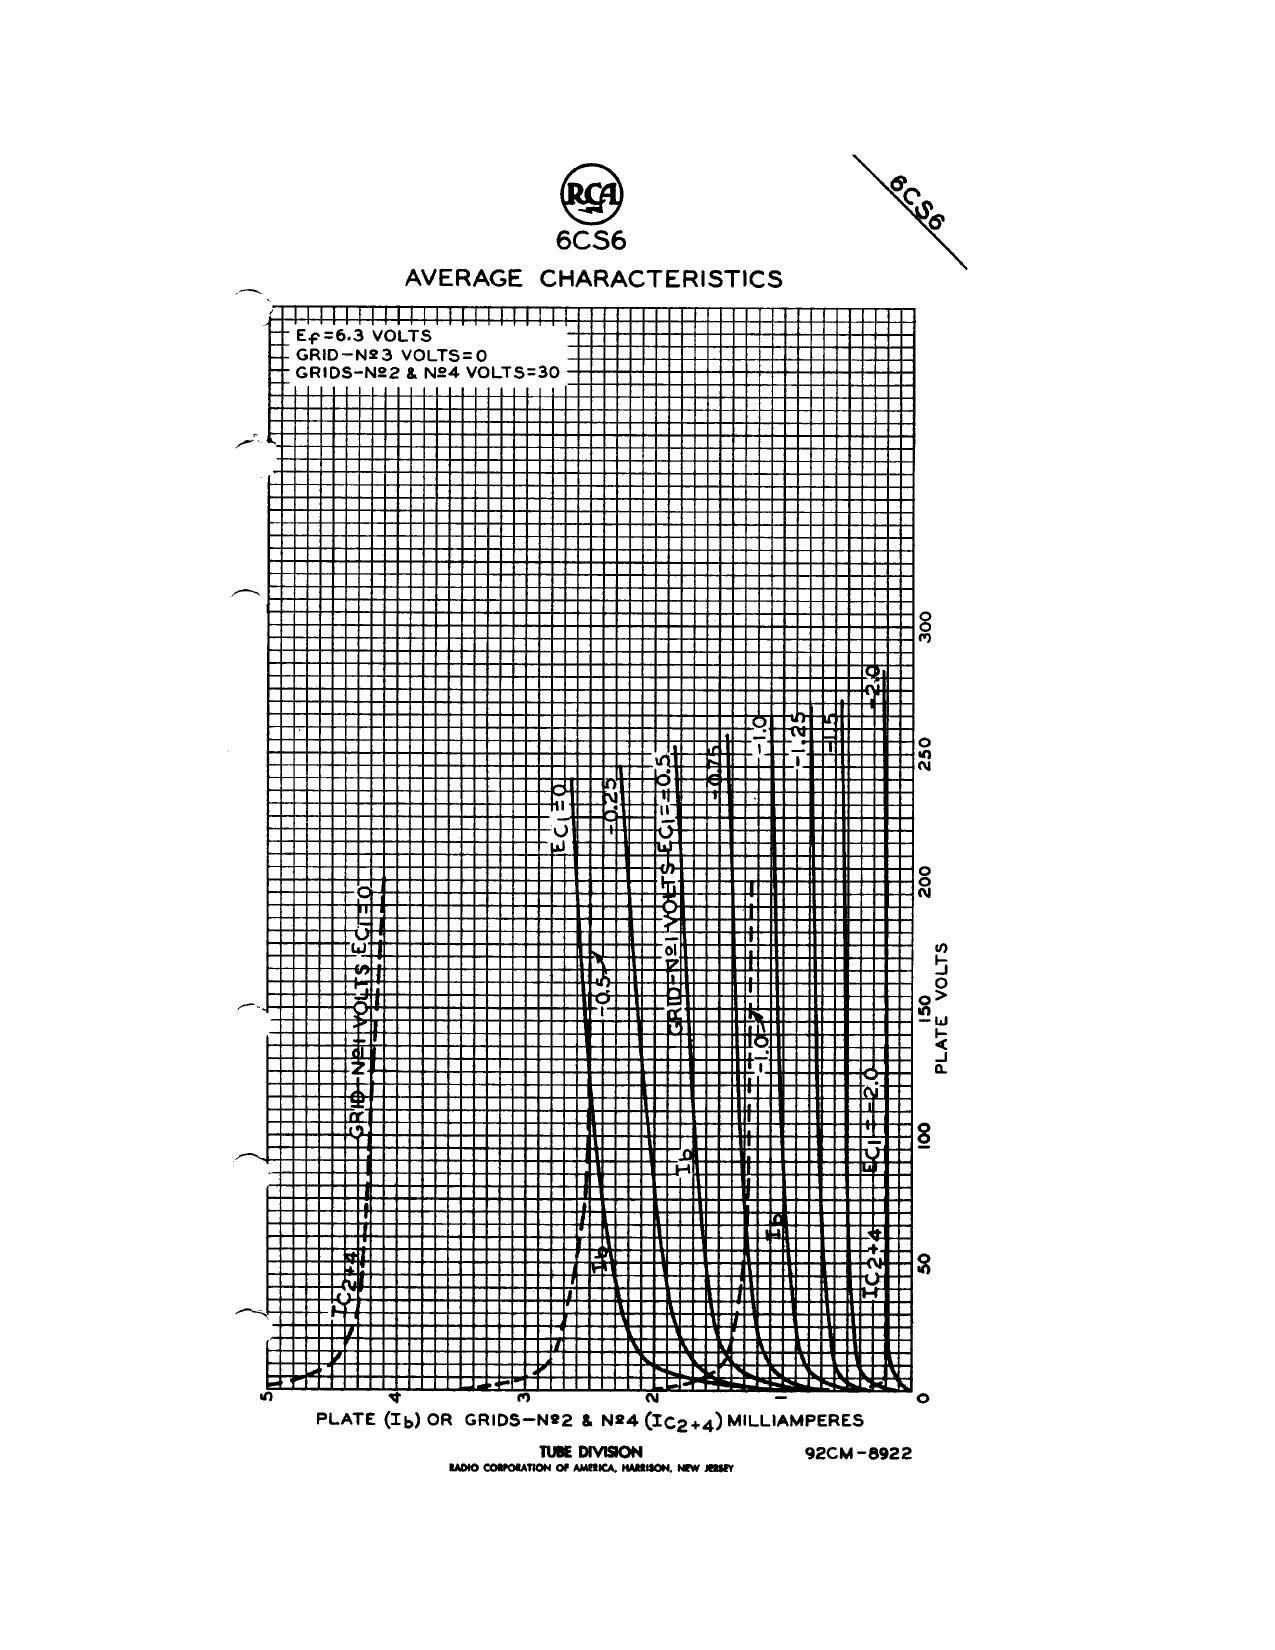 6CS6 pdf, 電子部品, 半導体, ピン配列